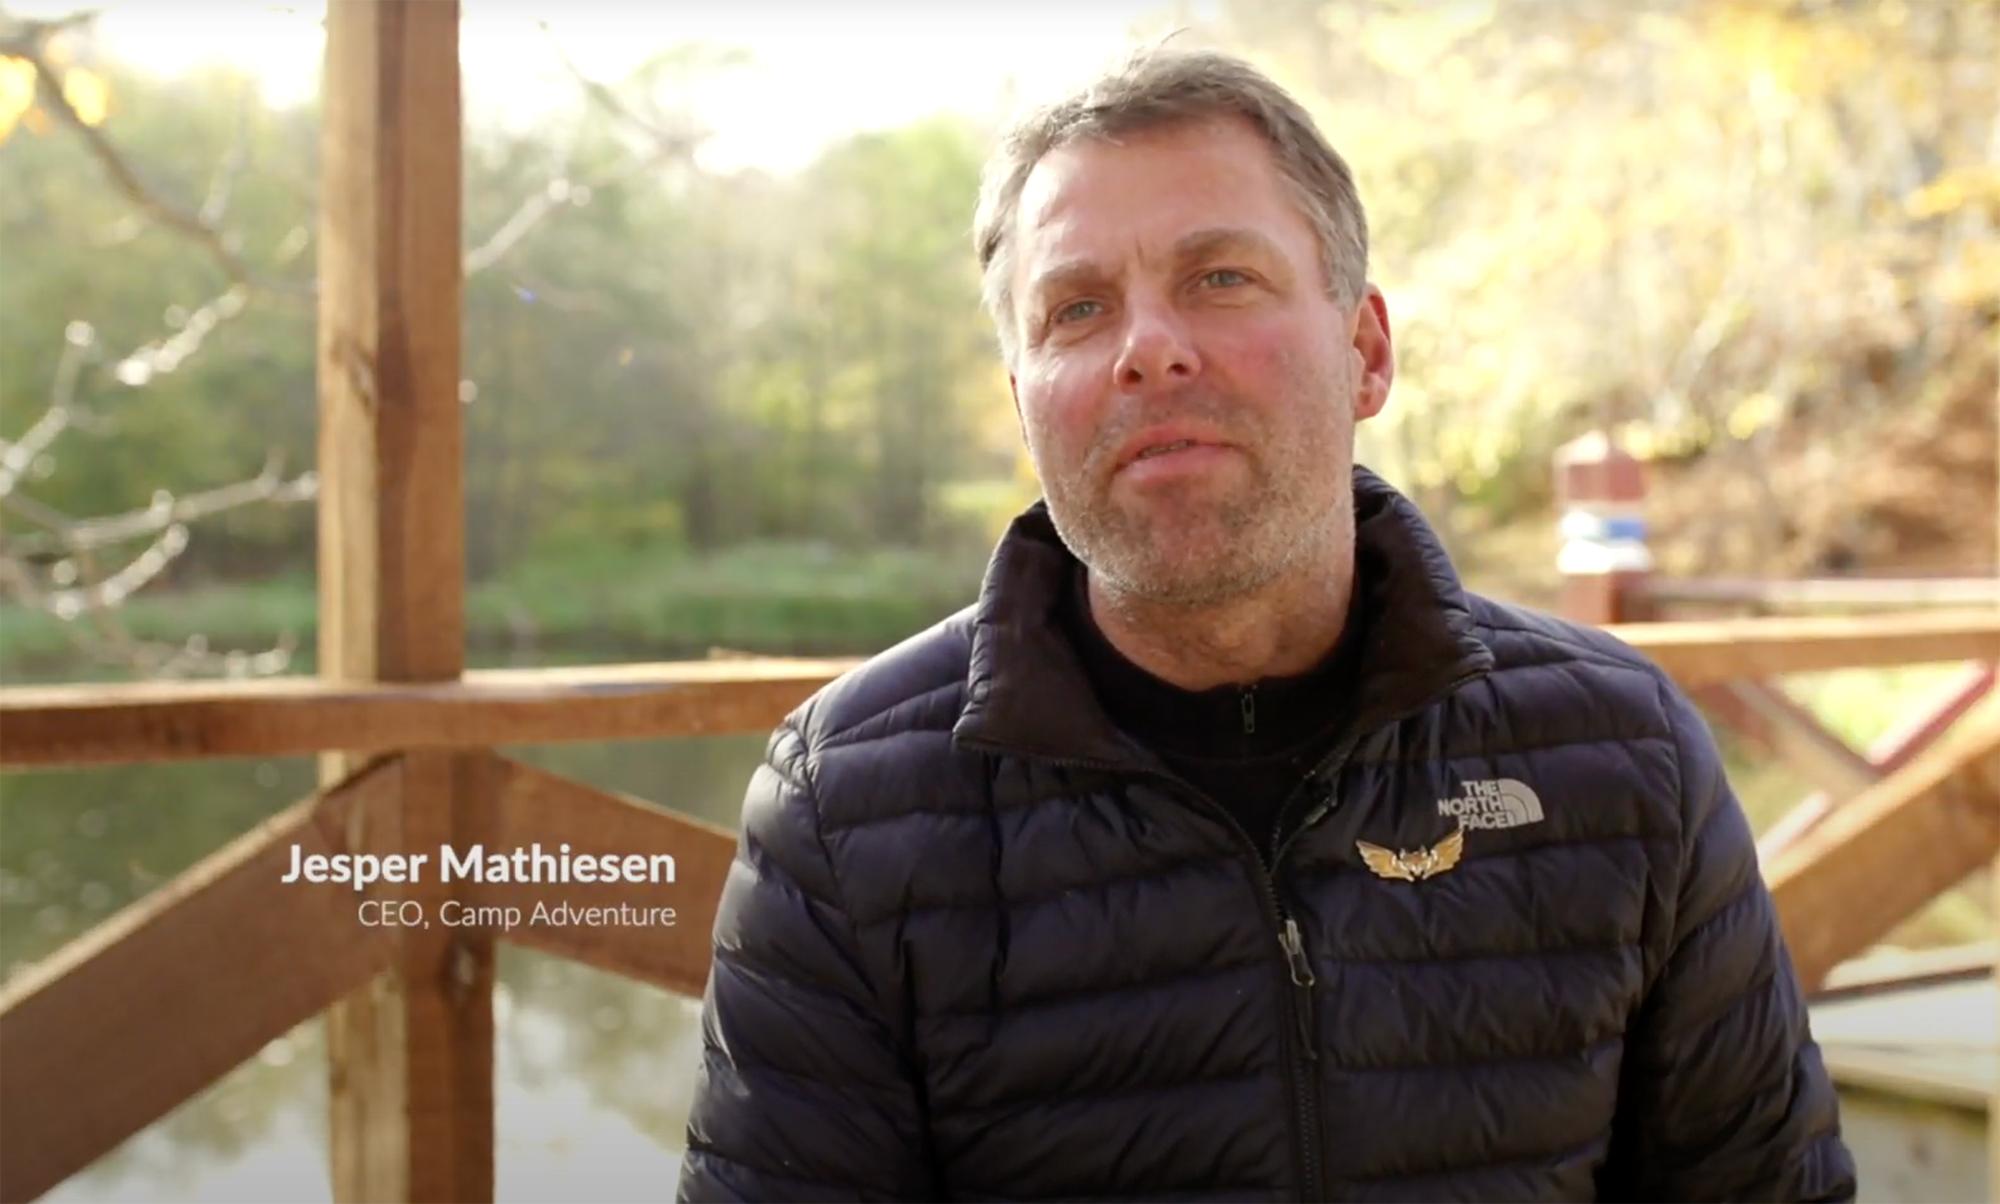 Jesper Mathiesen - CEO, Camp Adventure